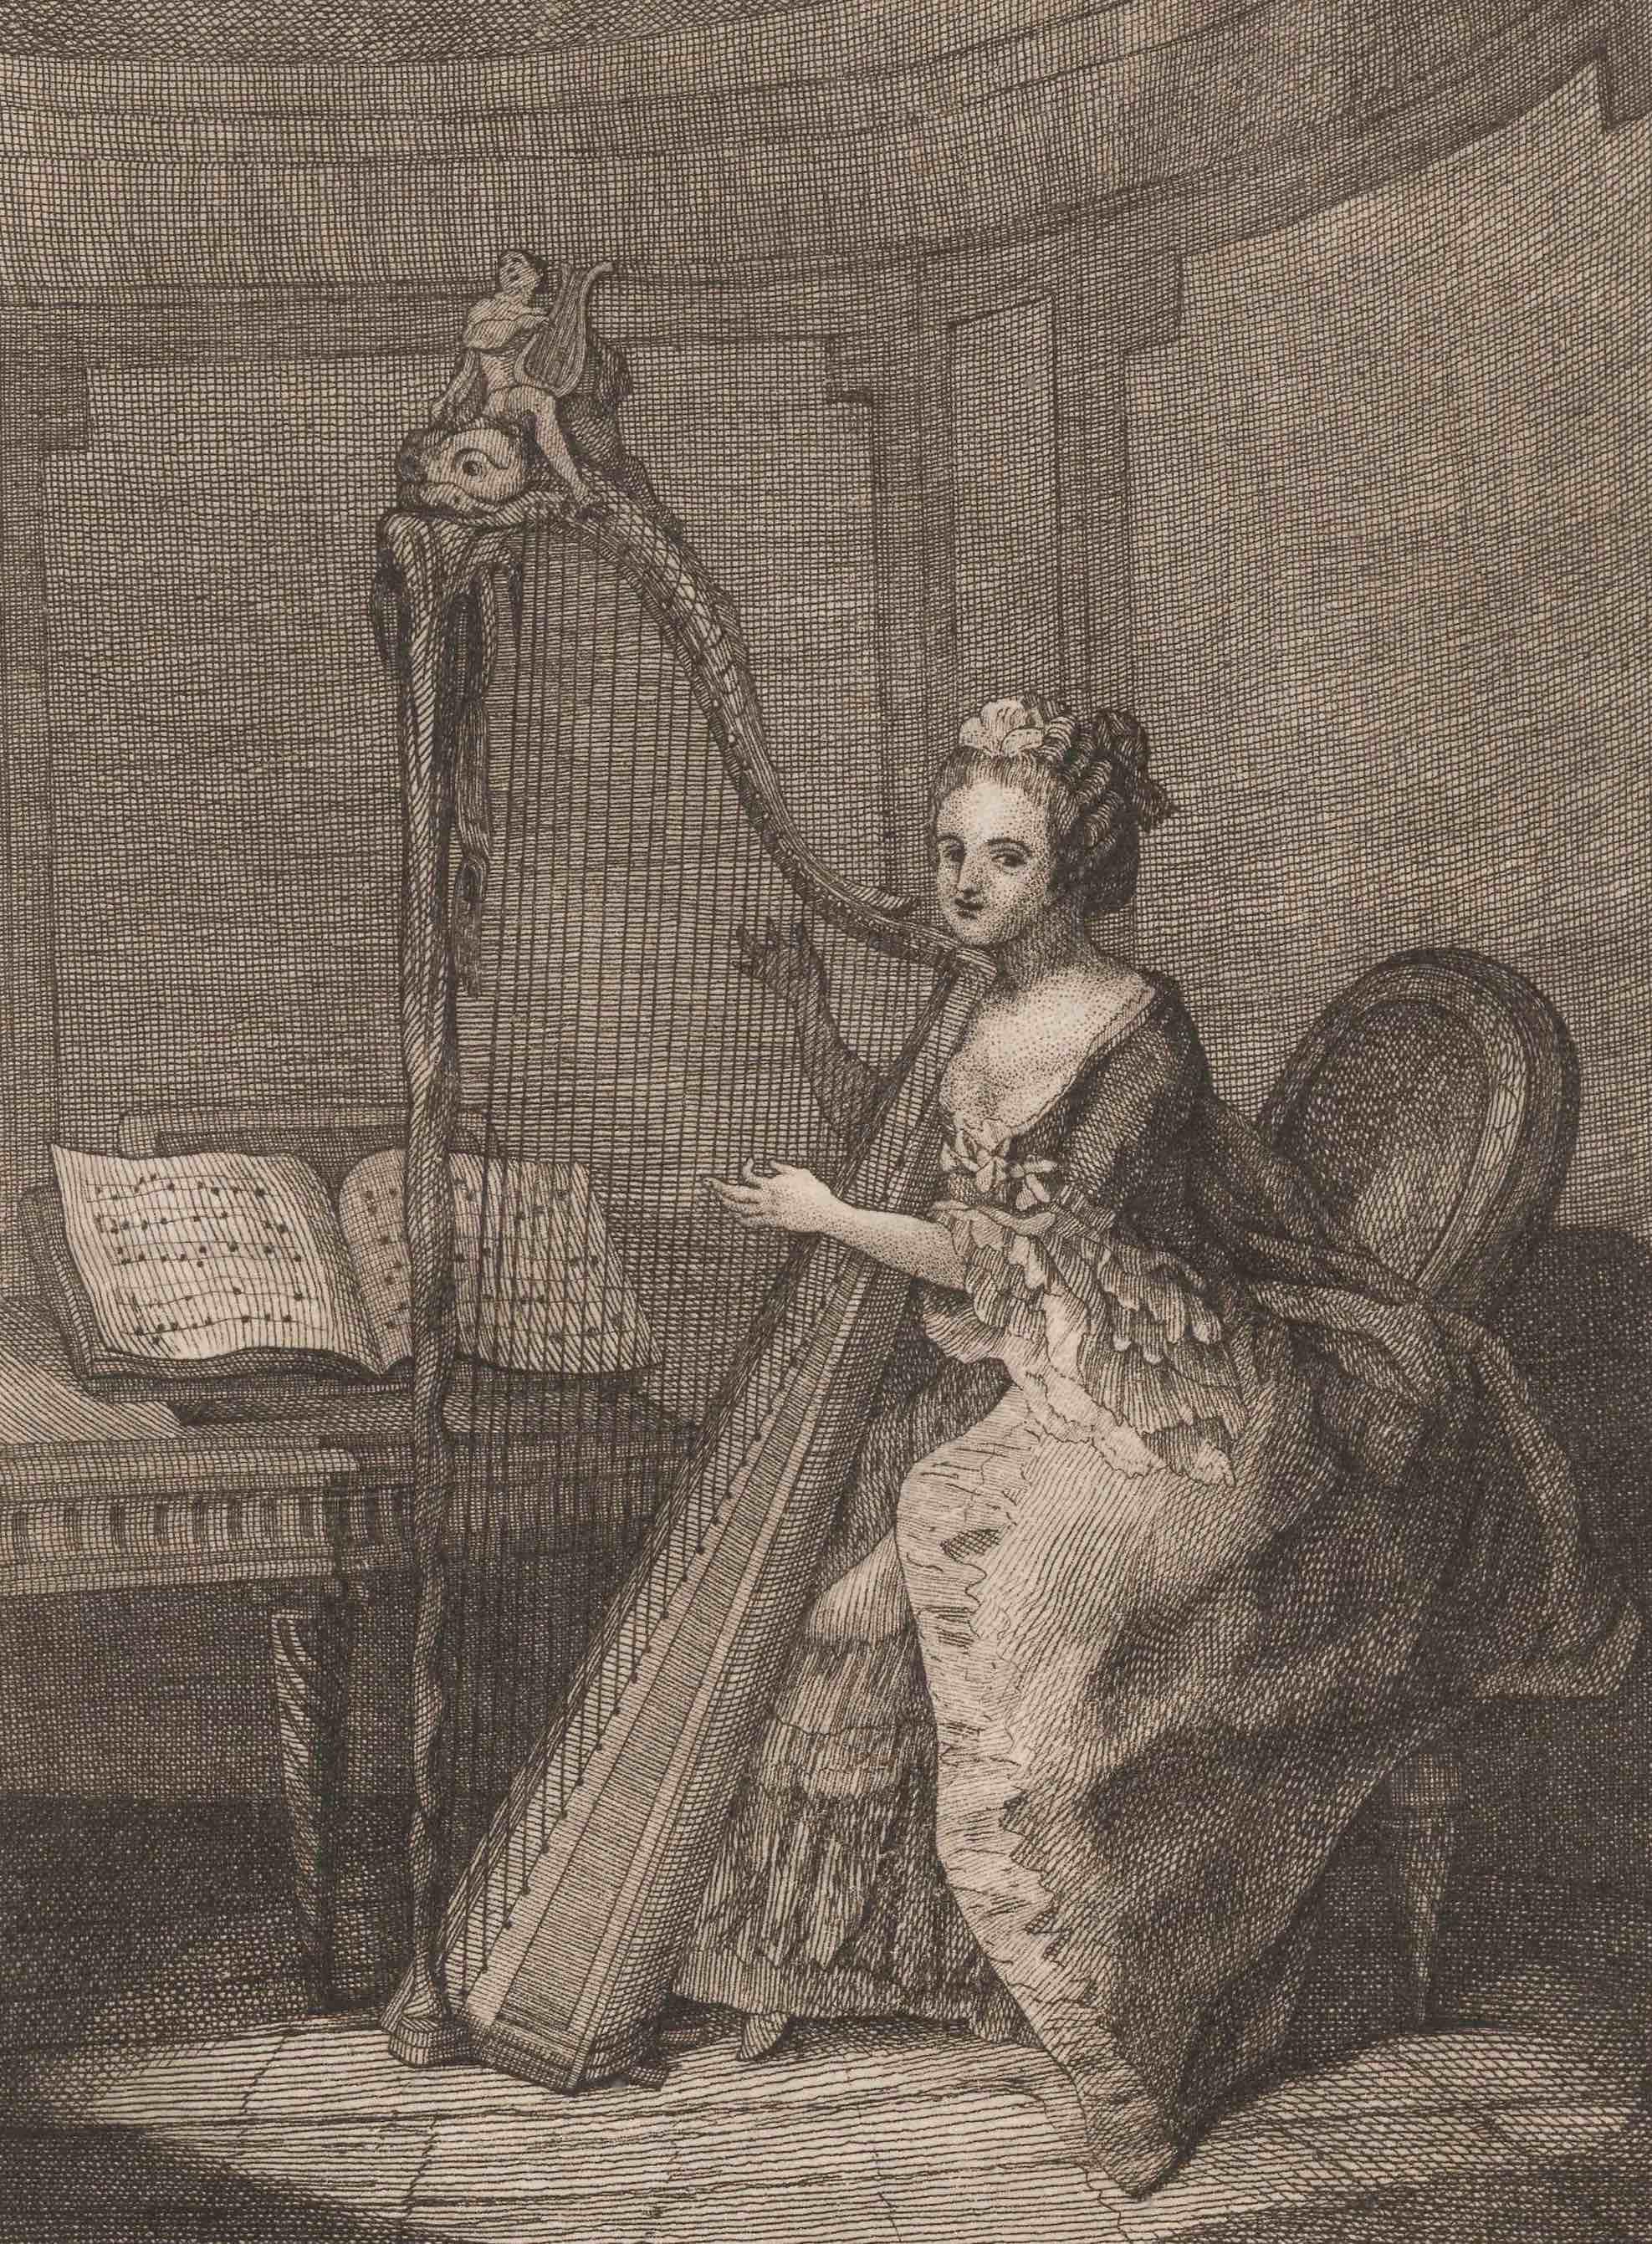 UniM Bail Music RB f  787.95193 CORR <br> Michel Corrette, author ;  <br> Nouvelle méthode pour apprendre à jouer de la harpe   <br> Paris , 1774 <br> Harp method